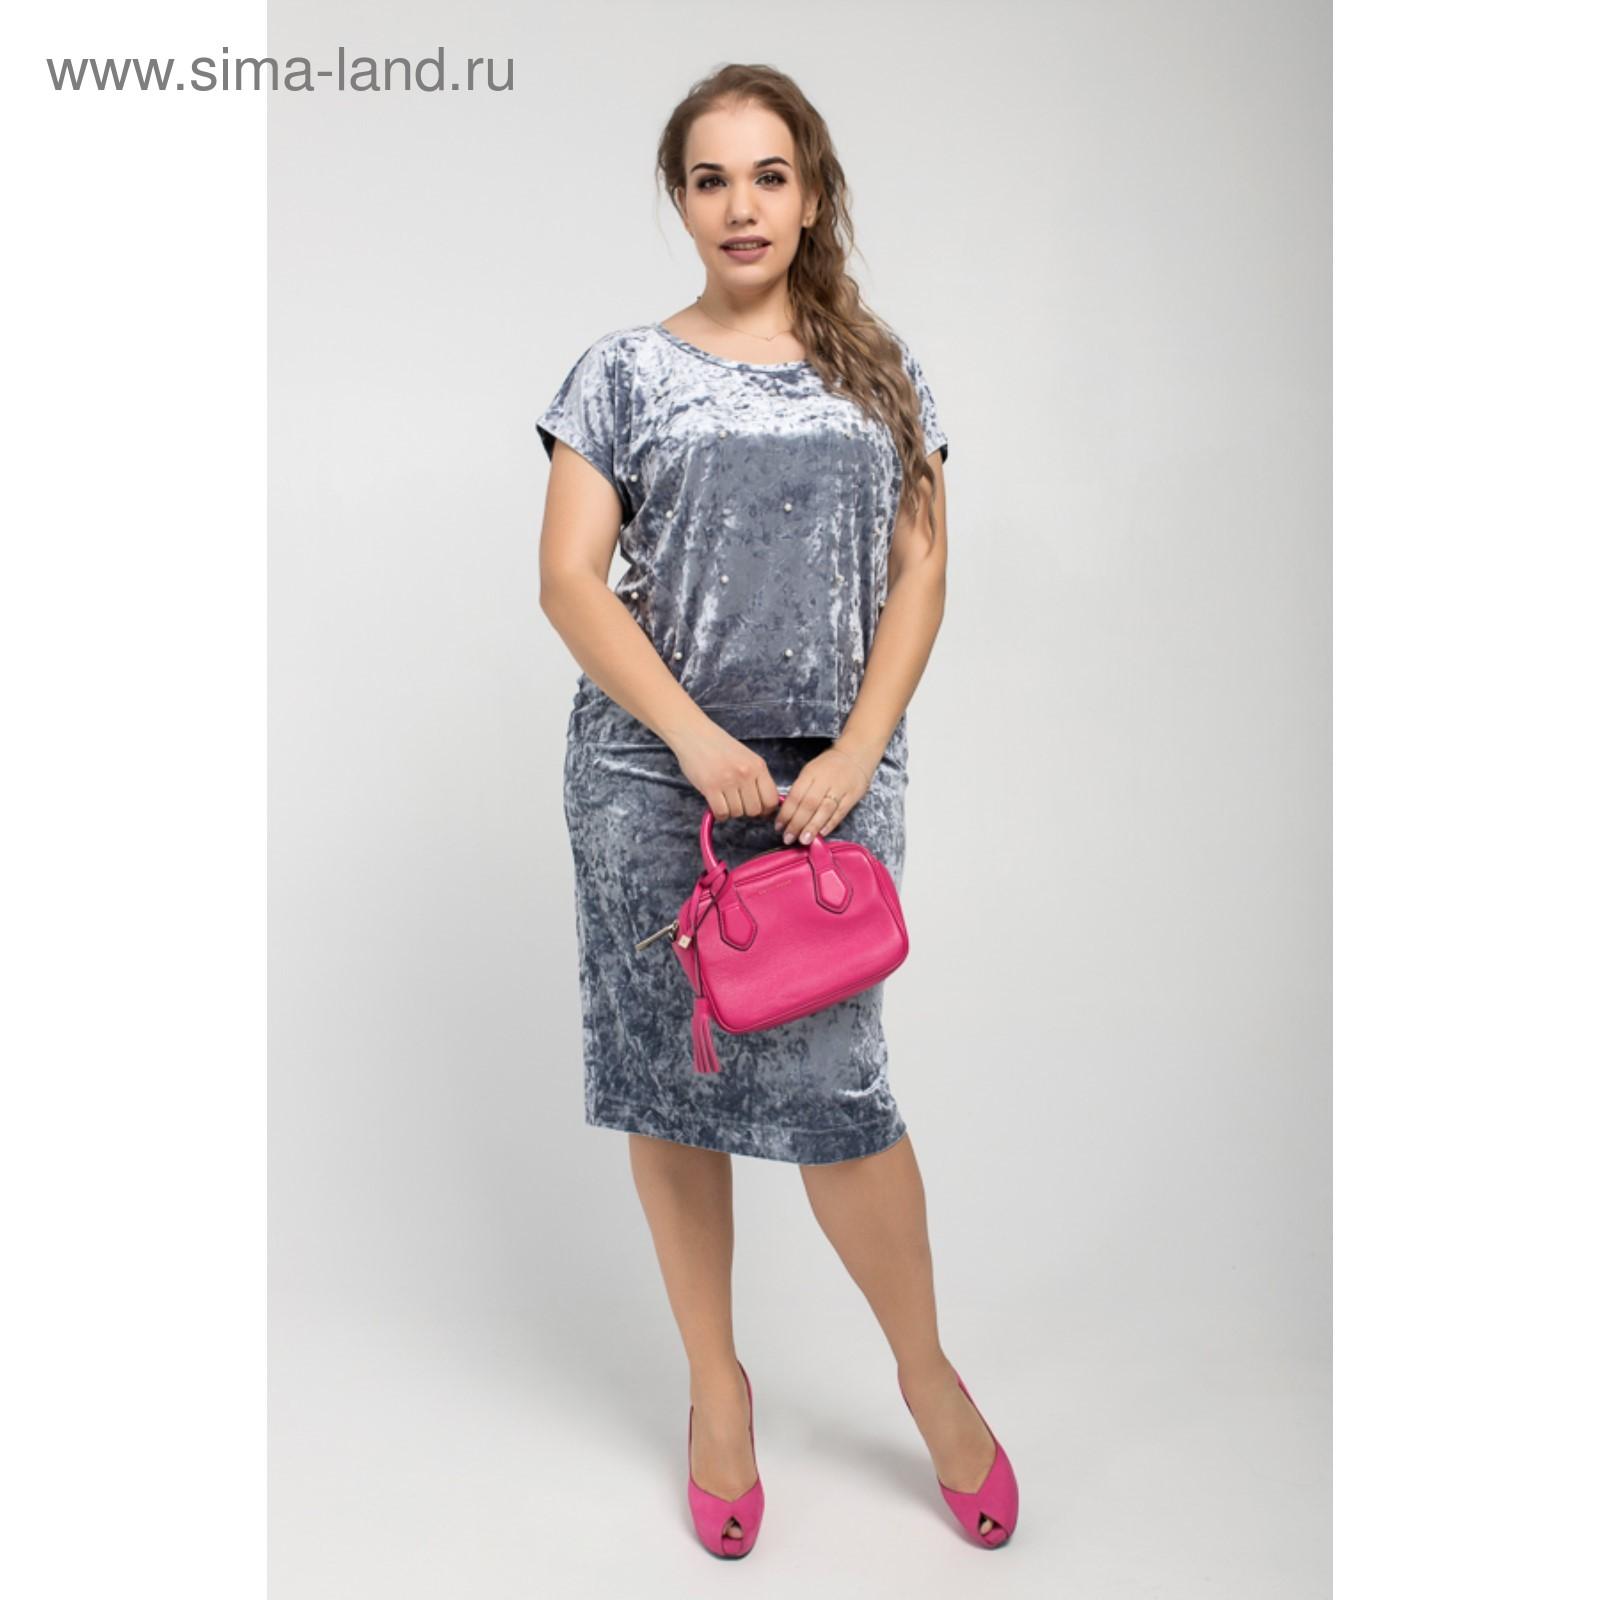 0e56477d2a4 Костюм (блуза+юбка) женский